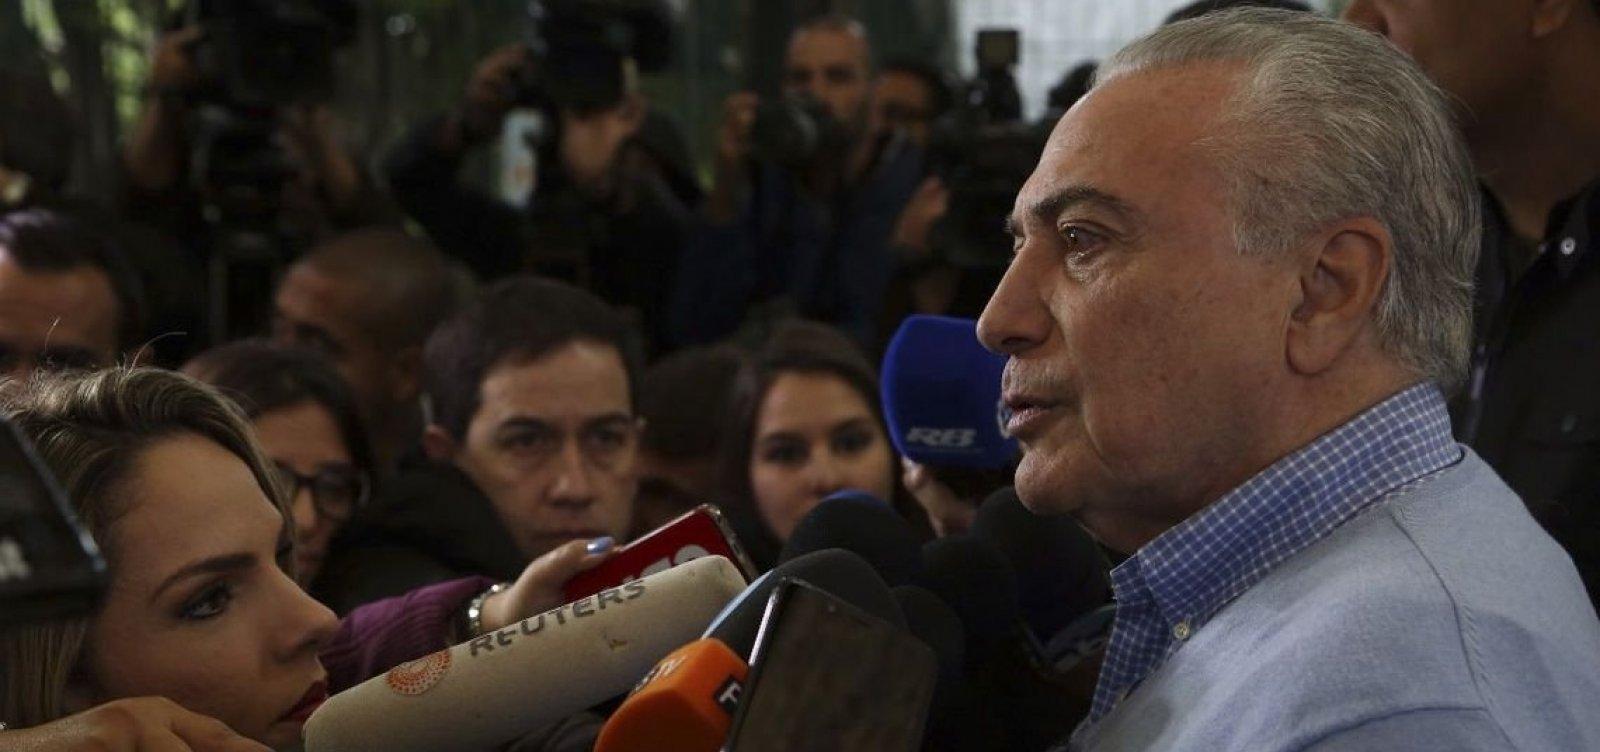 'Após a eleição o Brasil estará reunificado', diz Temer